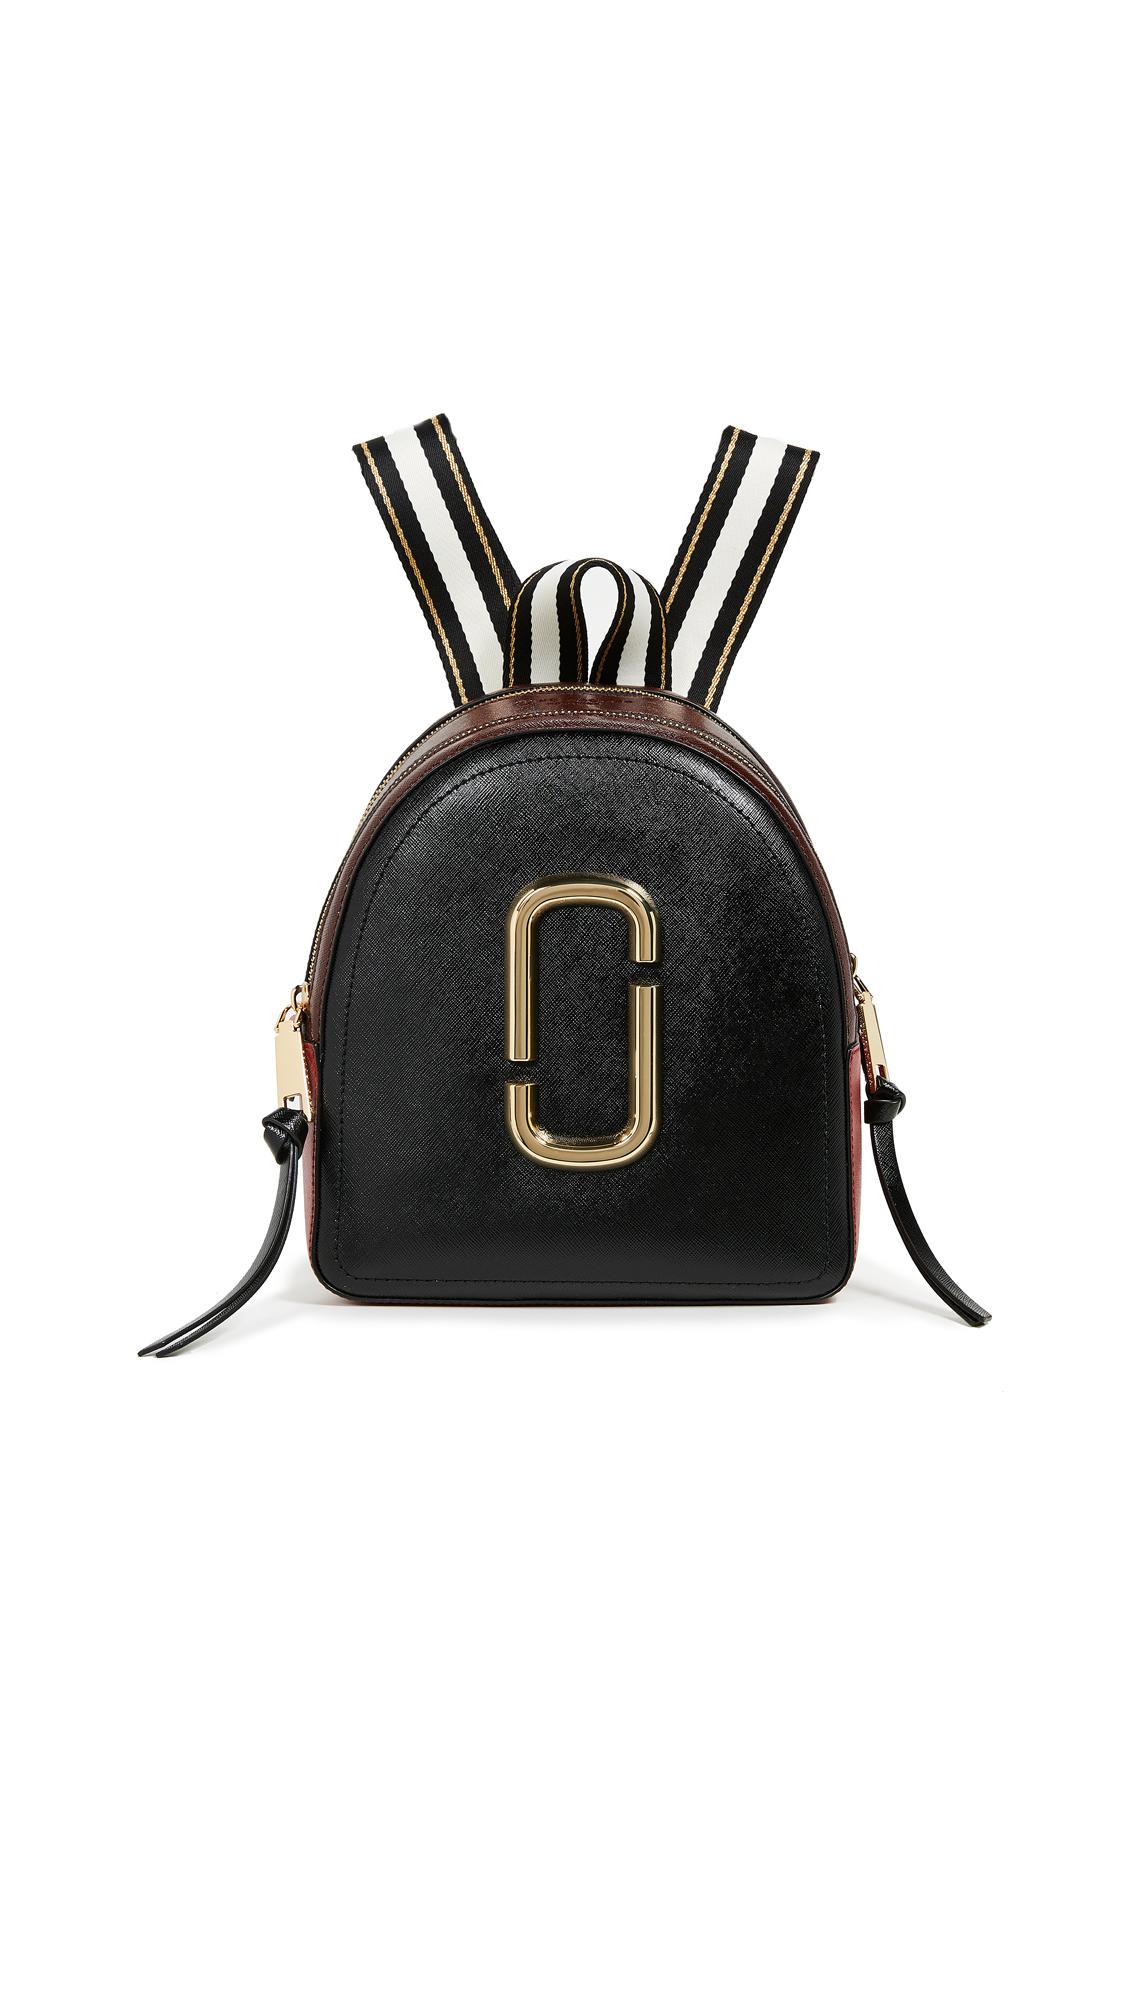 Marc Jacobs Packshot Backpack - Black/Red